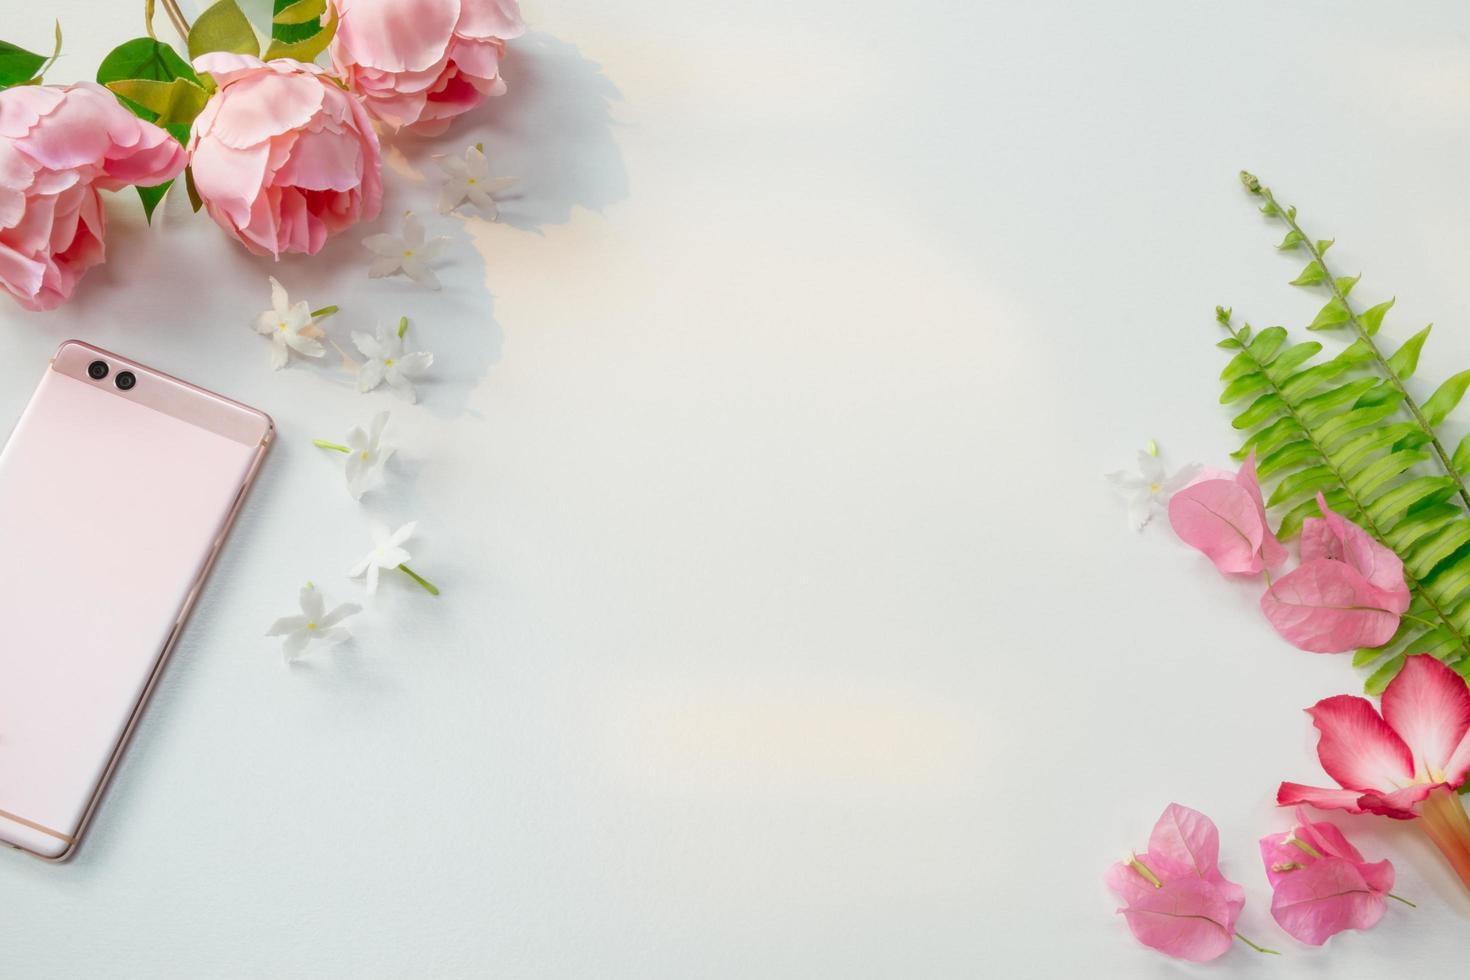 rosa Blumen mit Farnen und Smartphone foto